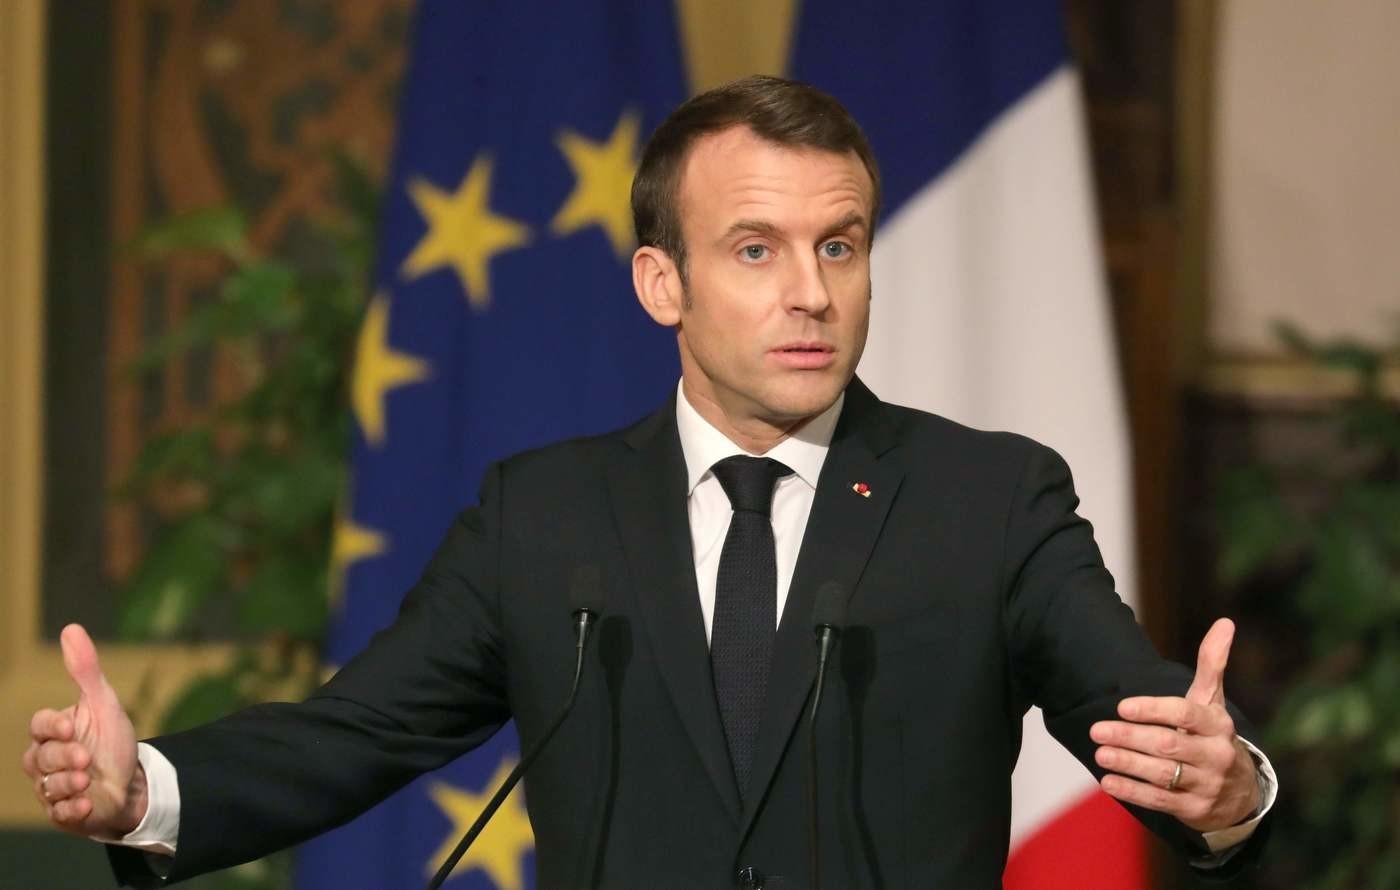 """""""Ingerenze e attacchi senza precedenti"""". Parigi richiama l'ambasciatore in Italia. Governo pronto a vedere Macron"""